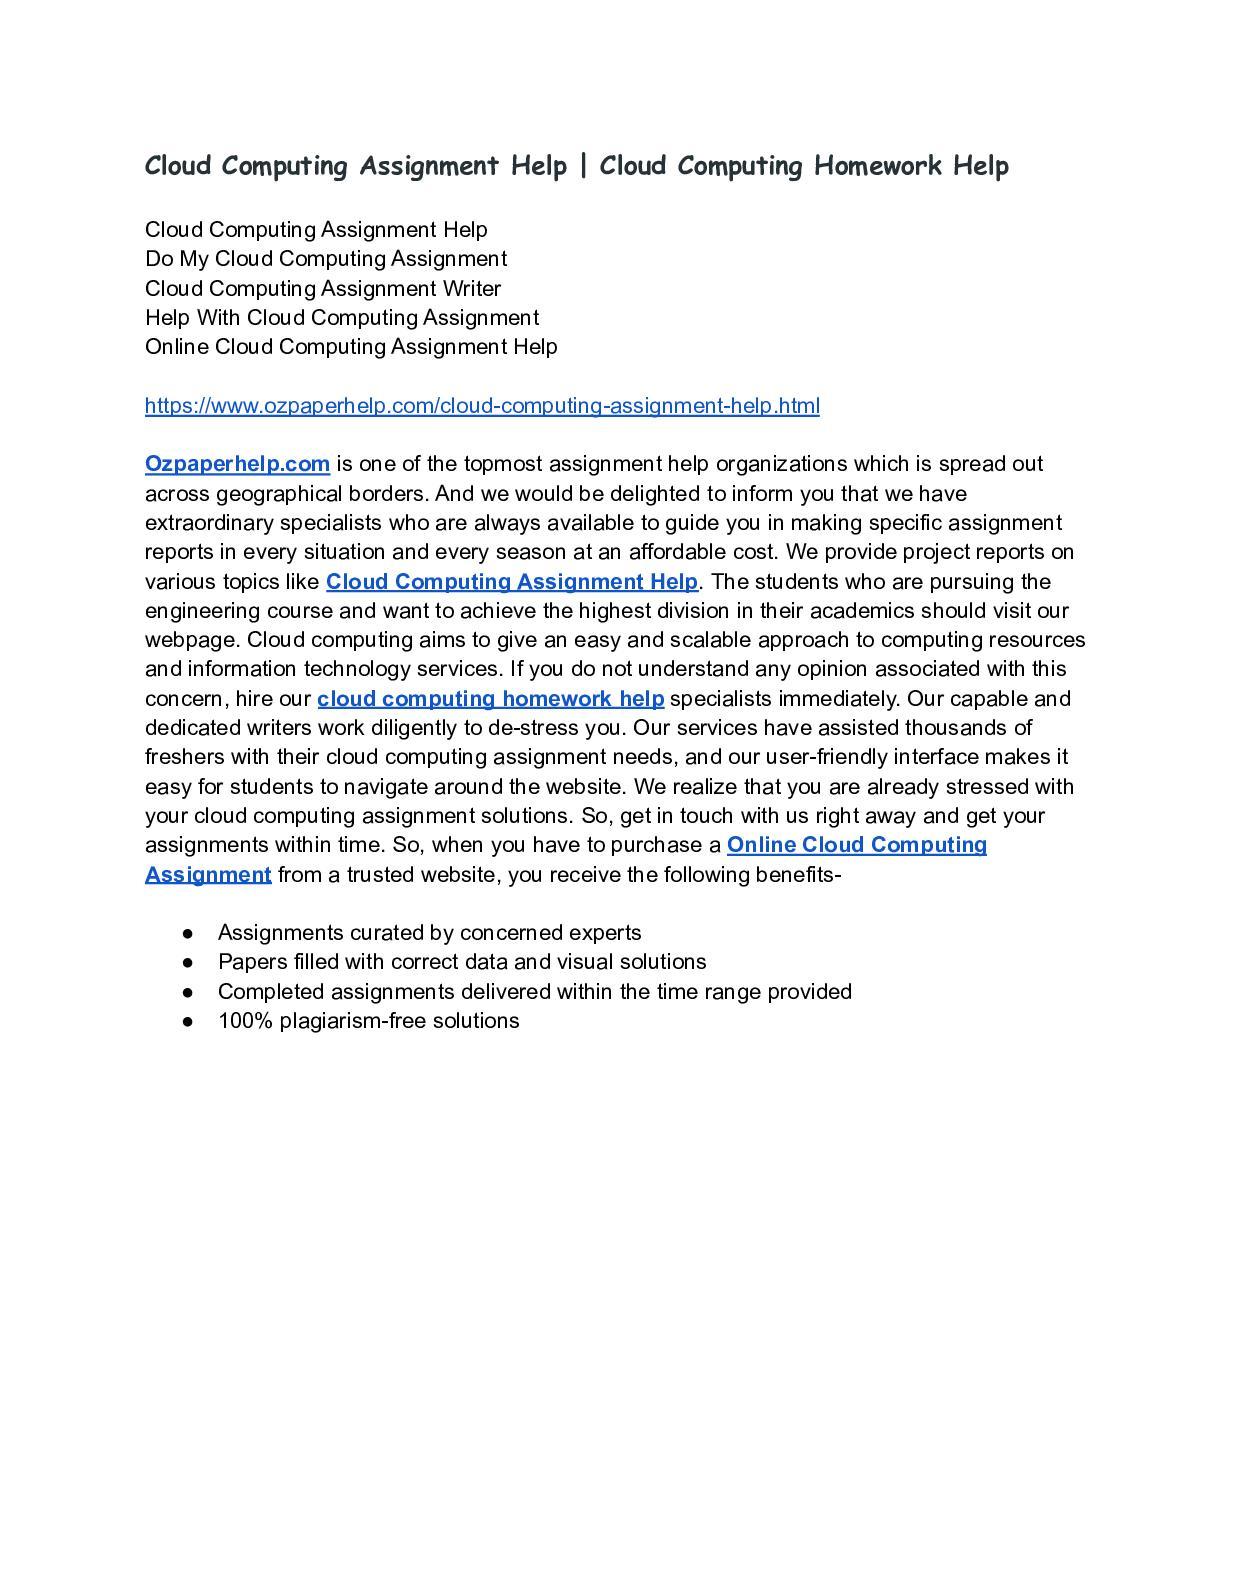 100 free homework help